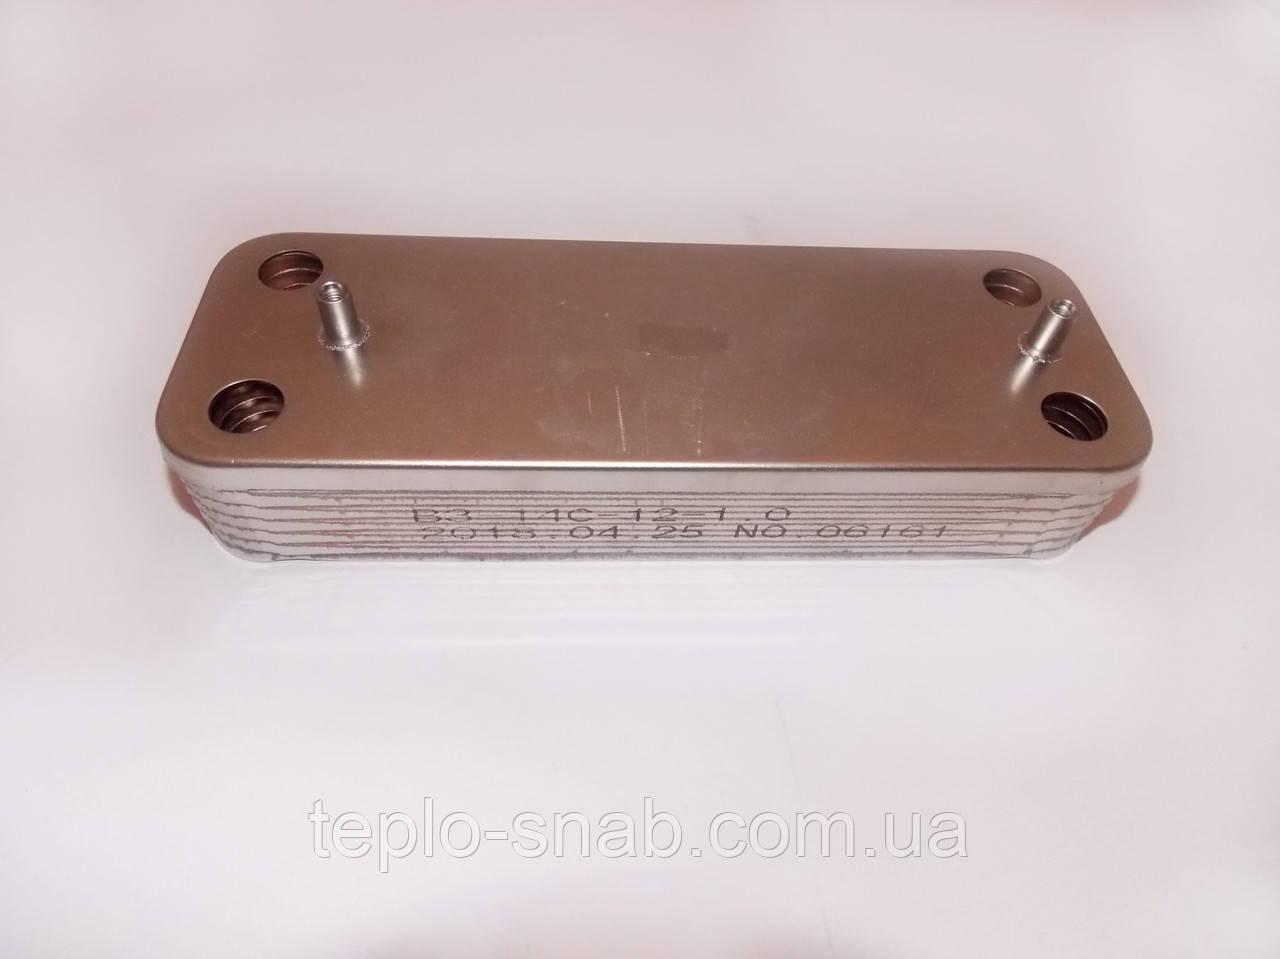 Вторинний теплообмінник Baxi/Westen. На всі моделі. 12 пл. 5686670